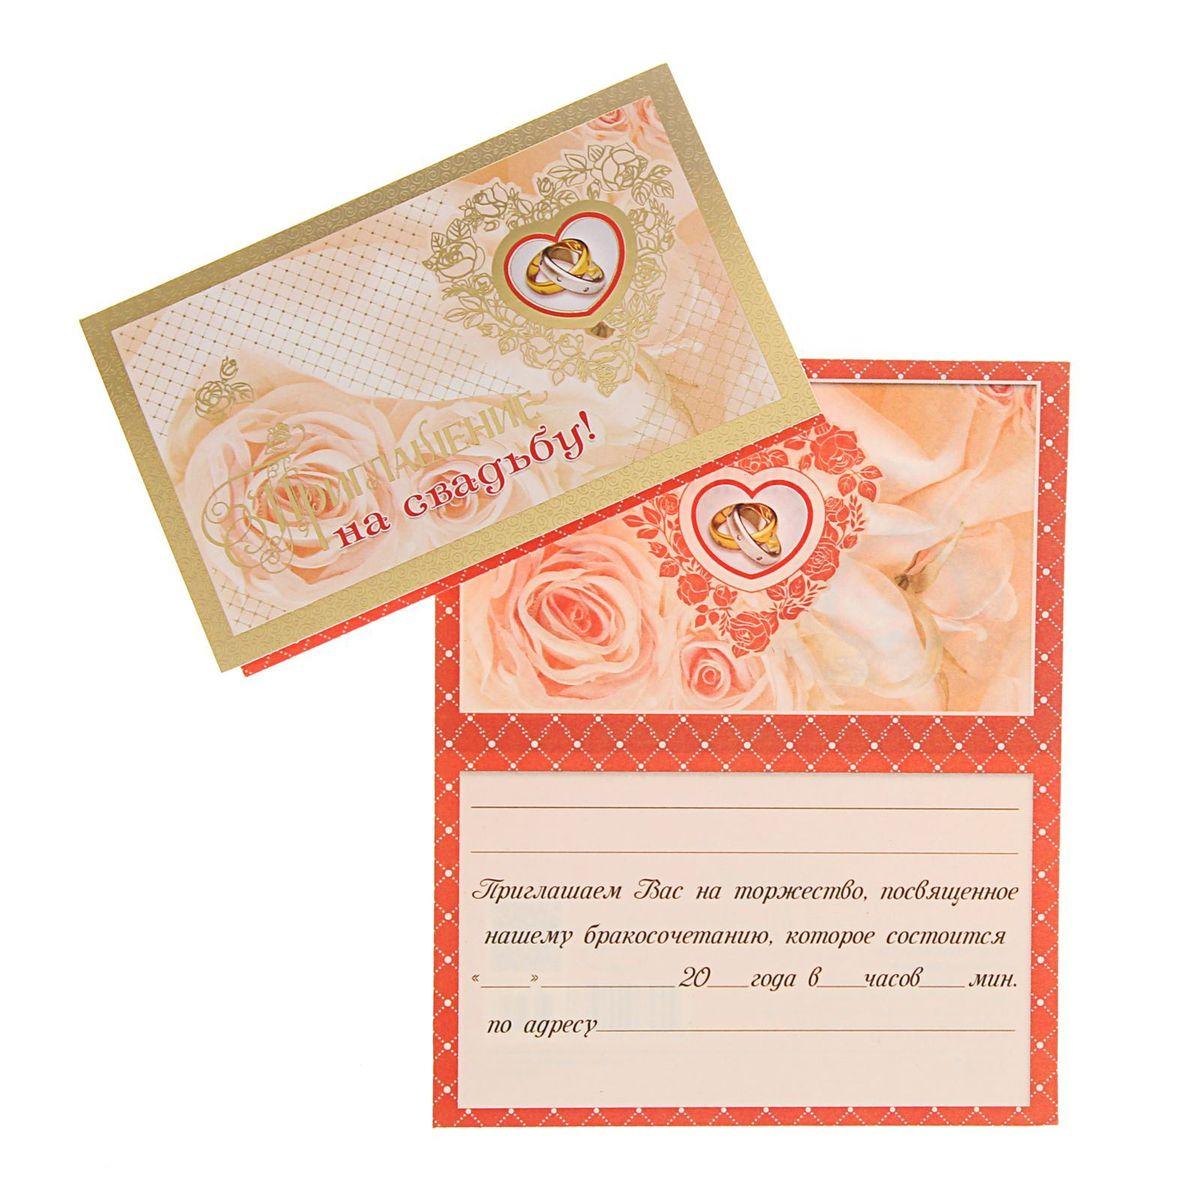 Приглашение на свадьбу Русский дизайн Кольца, 14 х 11 см747204Красивая свадебная пригласительная открытка станет незаменимым атрибутом подготовки к предстоящему торжеству и позволит объявить самым дорогим вам людям о важном событии в вашей жизни. Приглашение на свадьбу Русский дизайн Кольца, выполненное изкартона, отличается не только оригинальным дизайном, но и высоким качеством. Внутри - текстприглашения. Вам остается заполнить необходимые строки и раздать гостям.Устройте себе незабываемую свадьбу! Размер: 14 х 11 см.